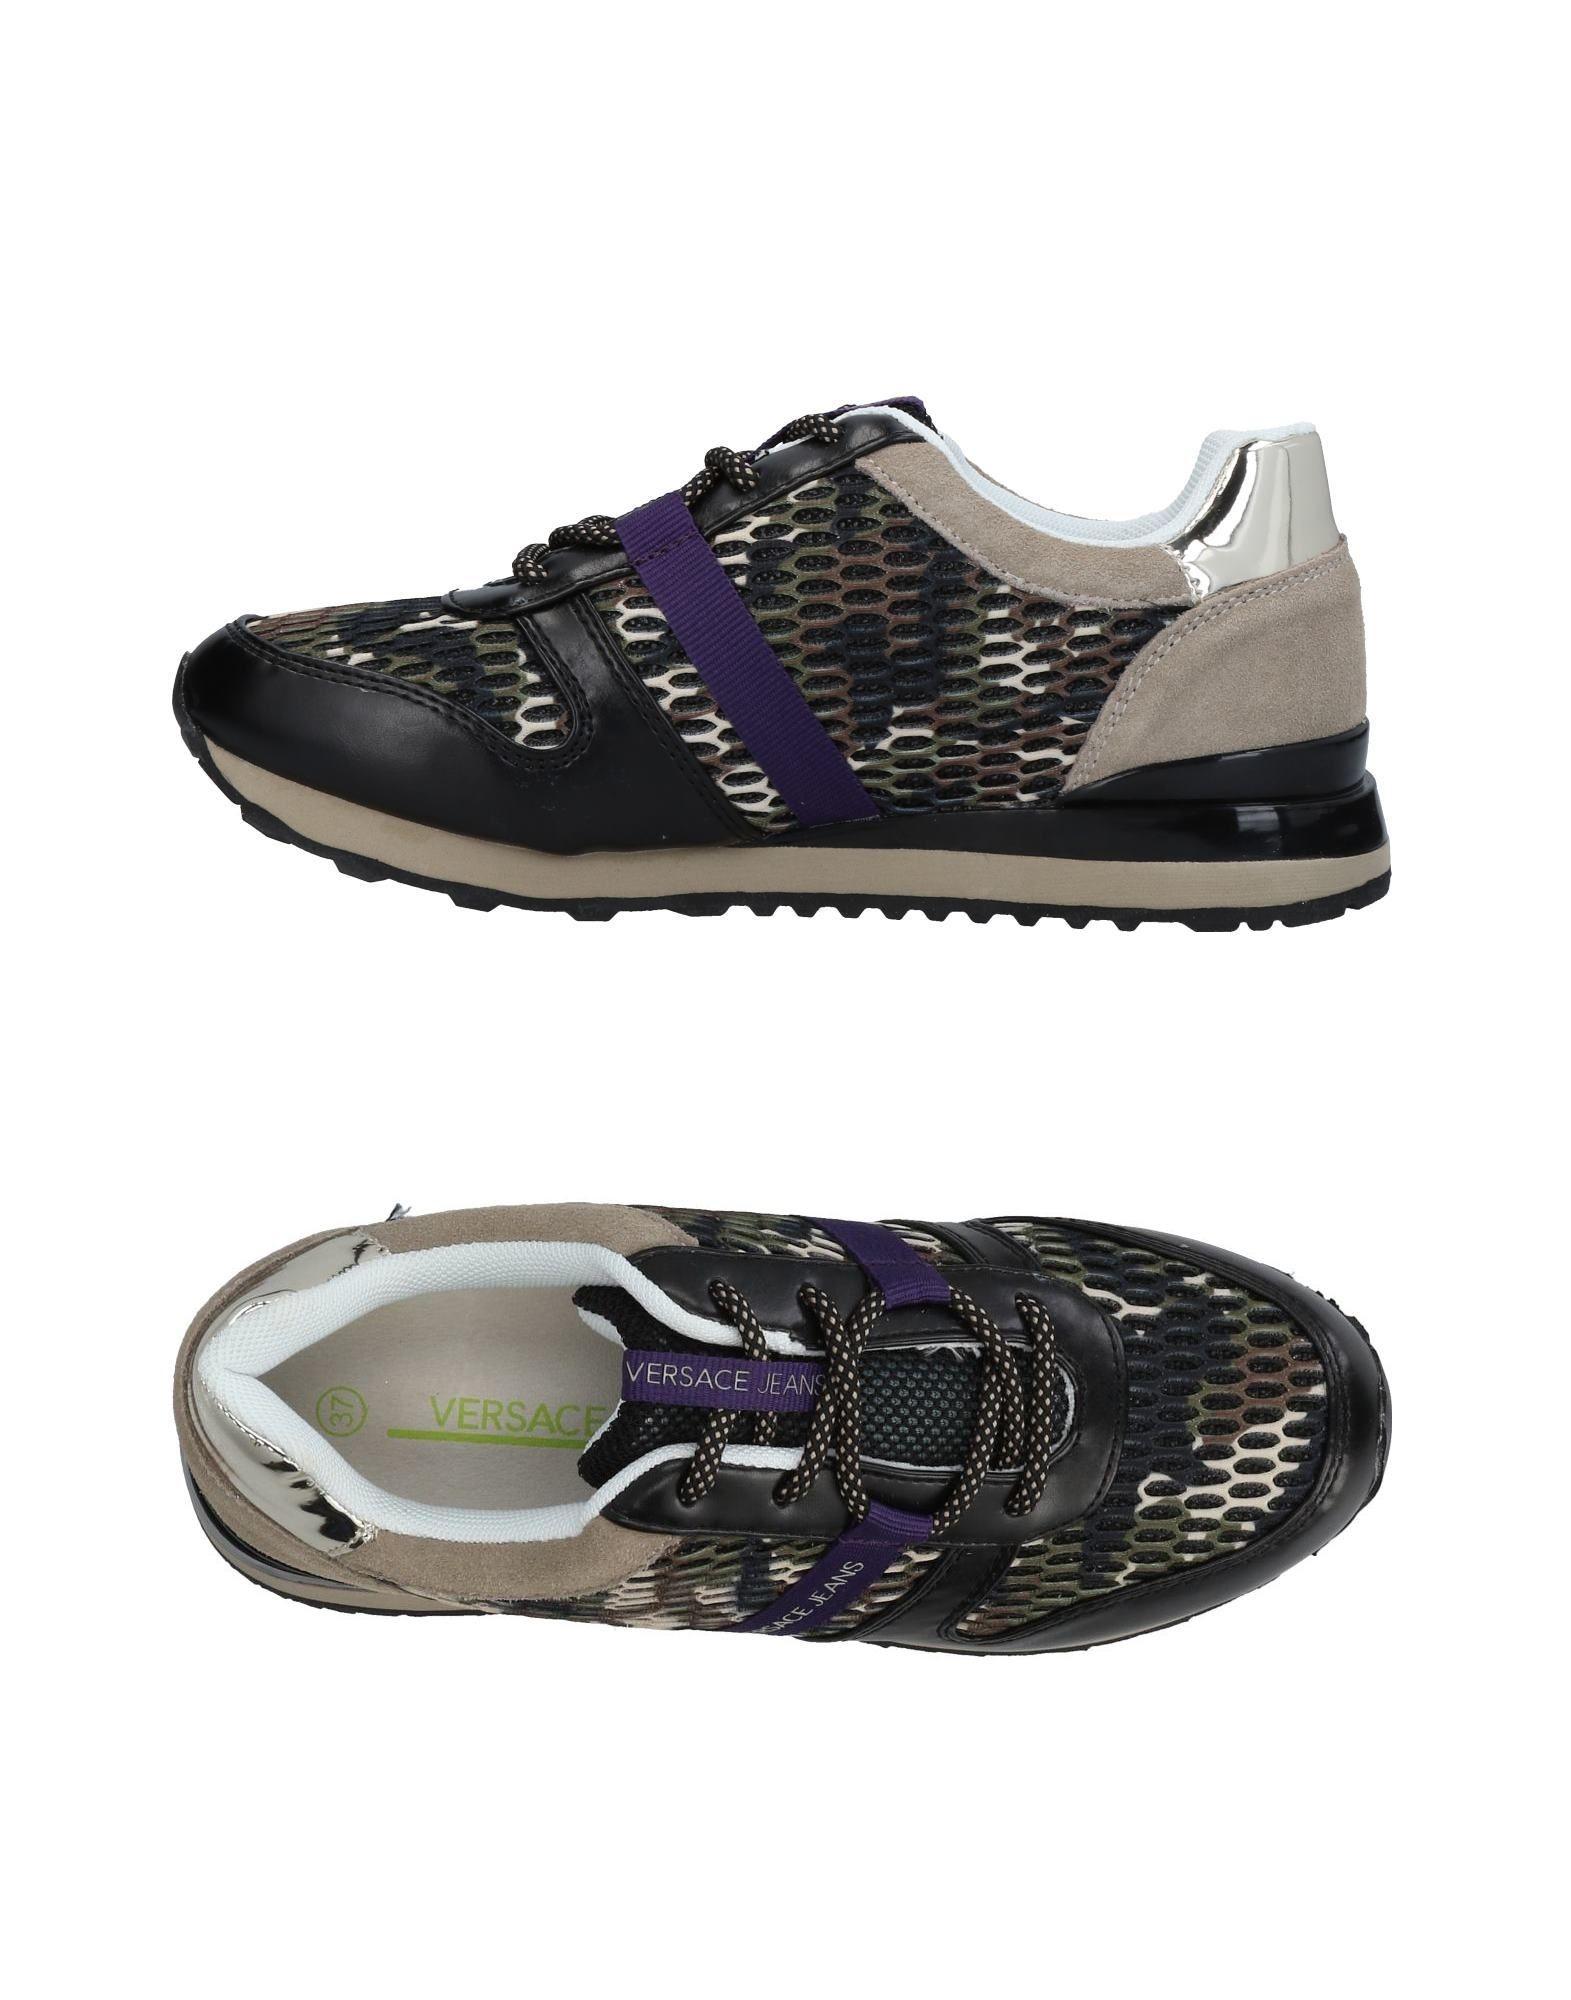 Versace Jeans Sneakers Damen  11422090DJ Gute Qualität beliebte Schuhe